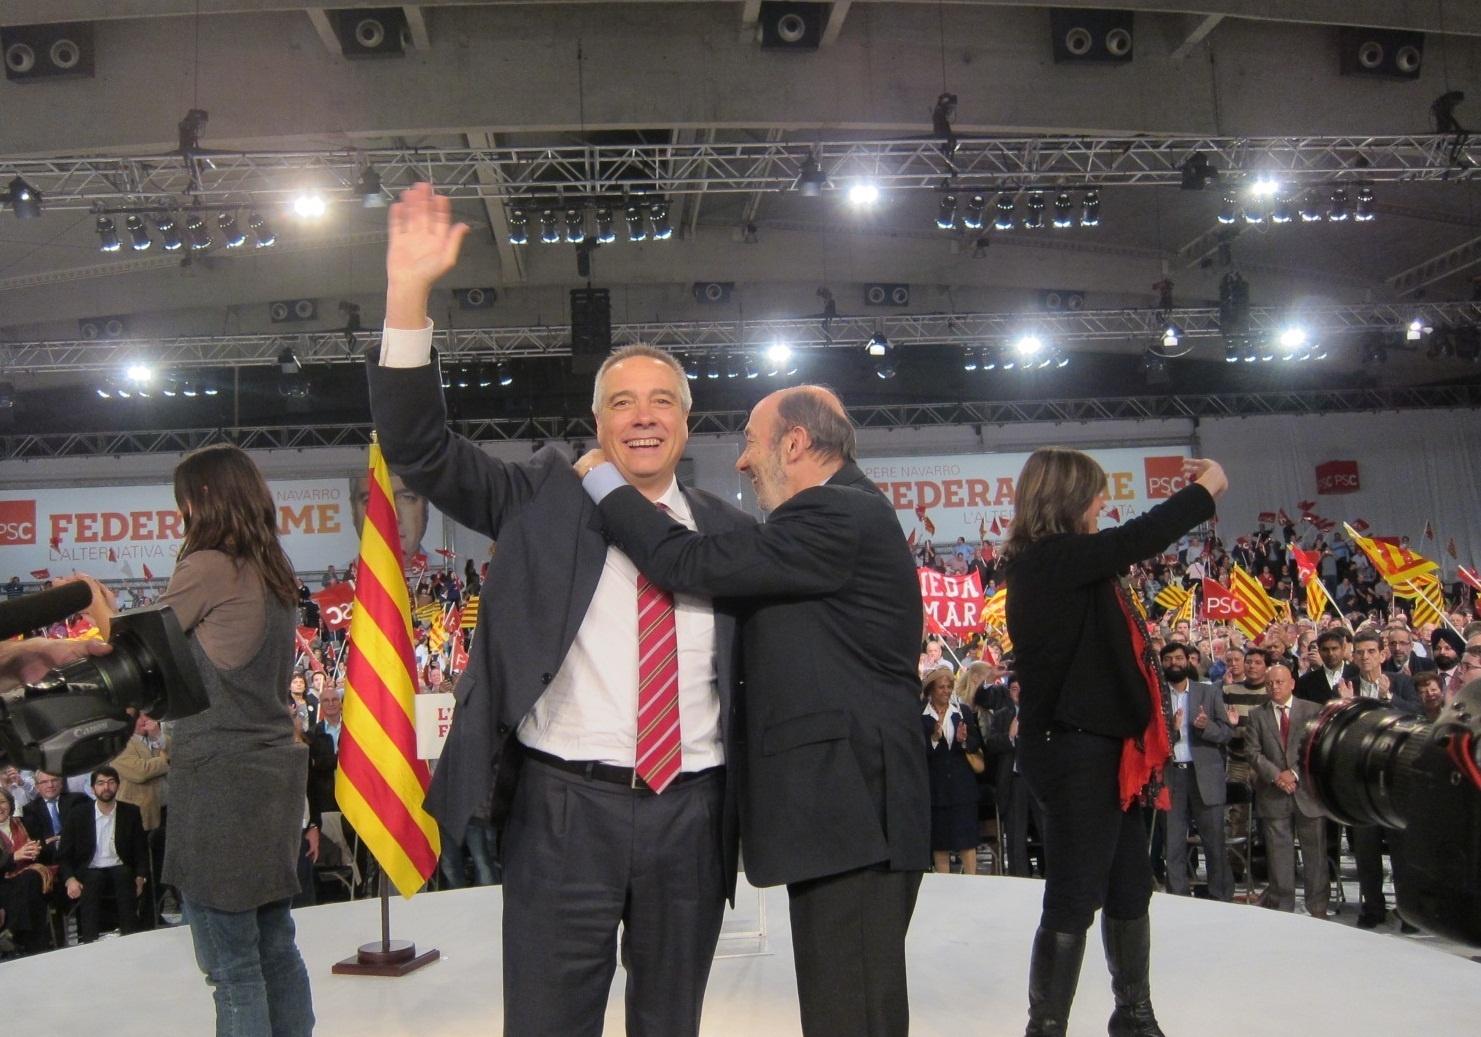 El PSC dice que ya está cerrado el documento territorial, que reconoce la singularidad catalana pero no las consultas